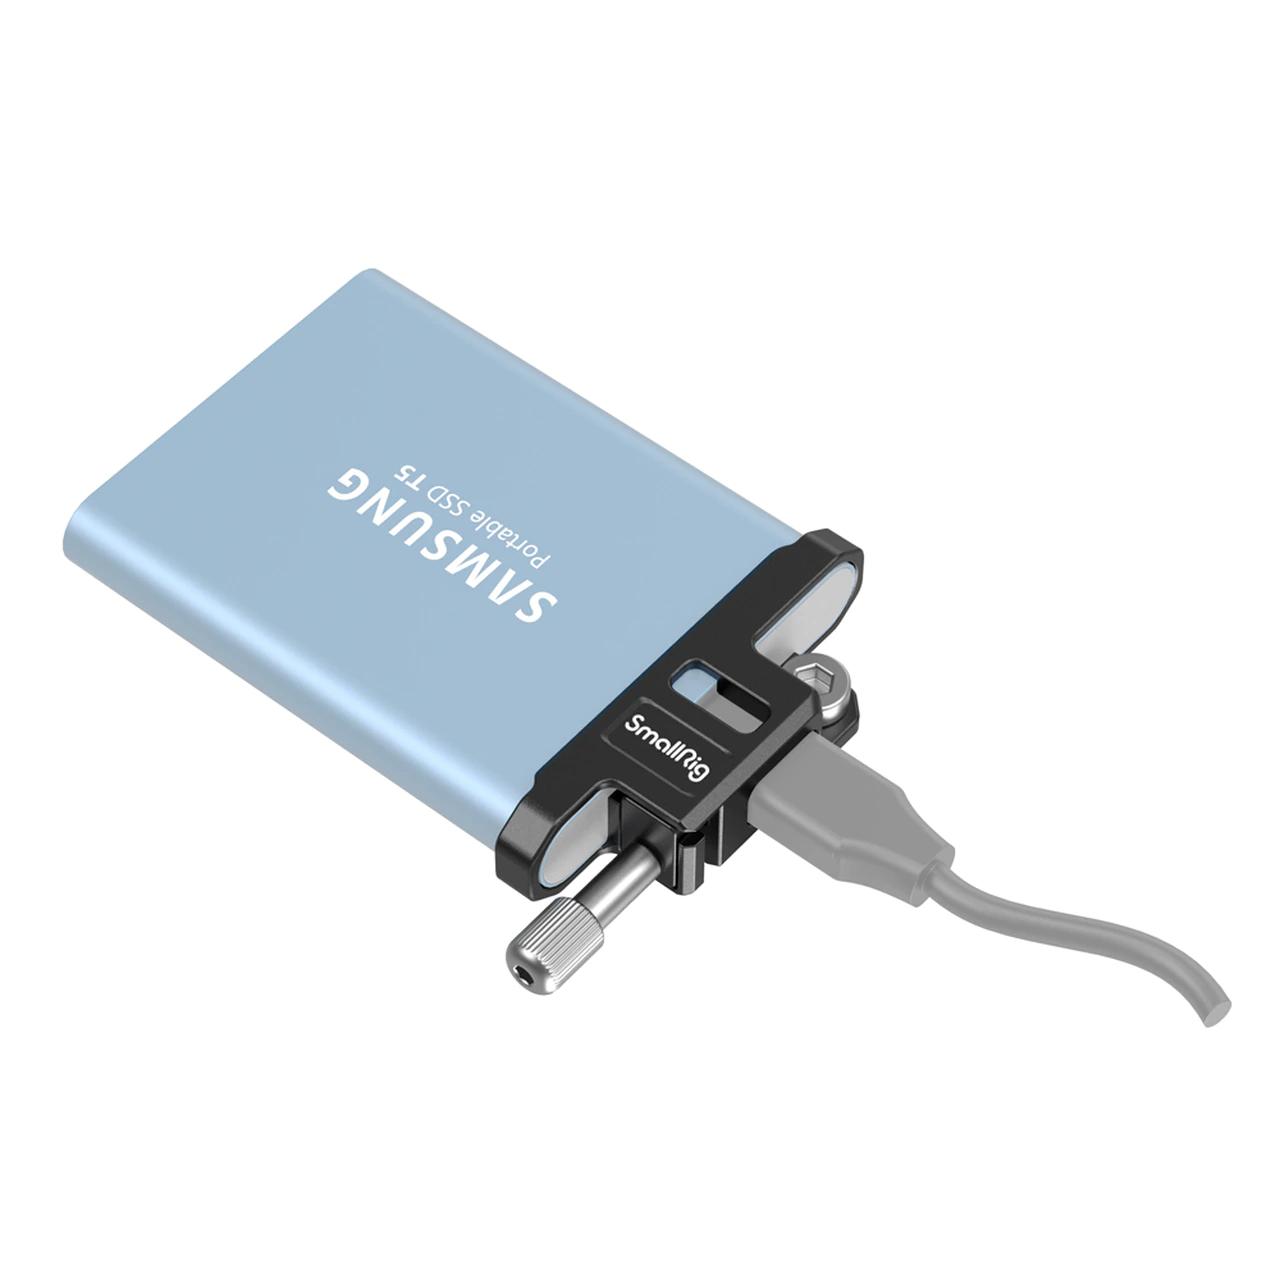 smallrig-3300-ssd-usb-c-cable-clamp-zabezpieczenie-portu-samsung-t5-bmpcc-6k-pro.jpg